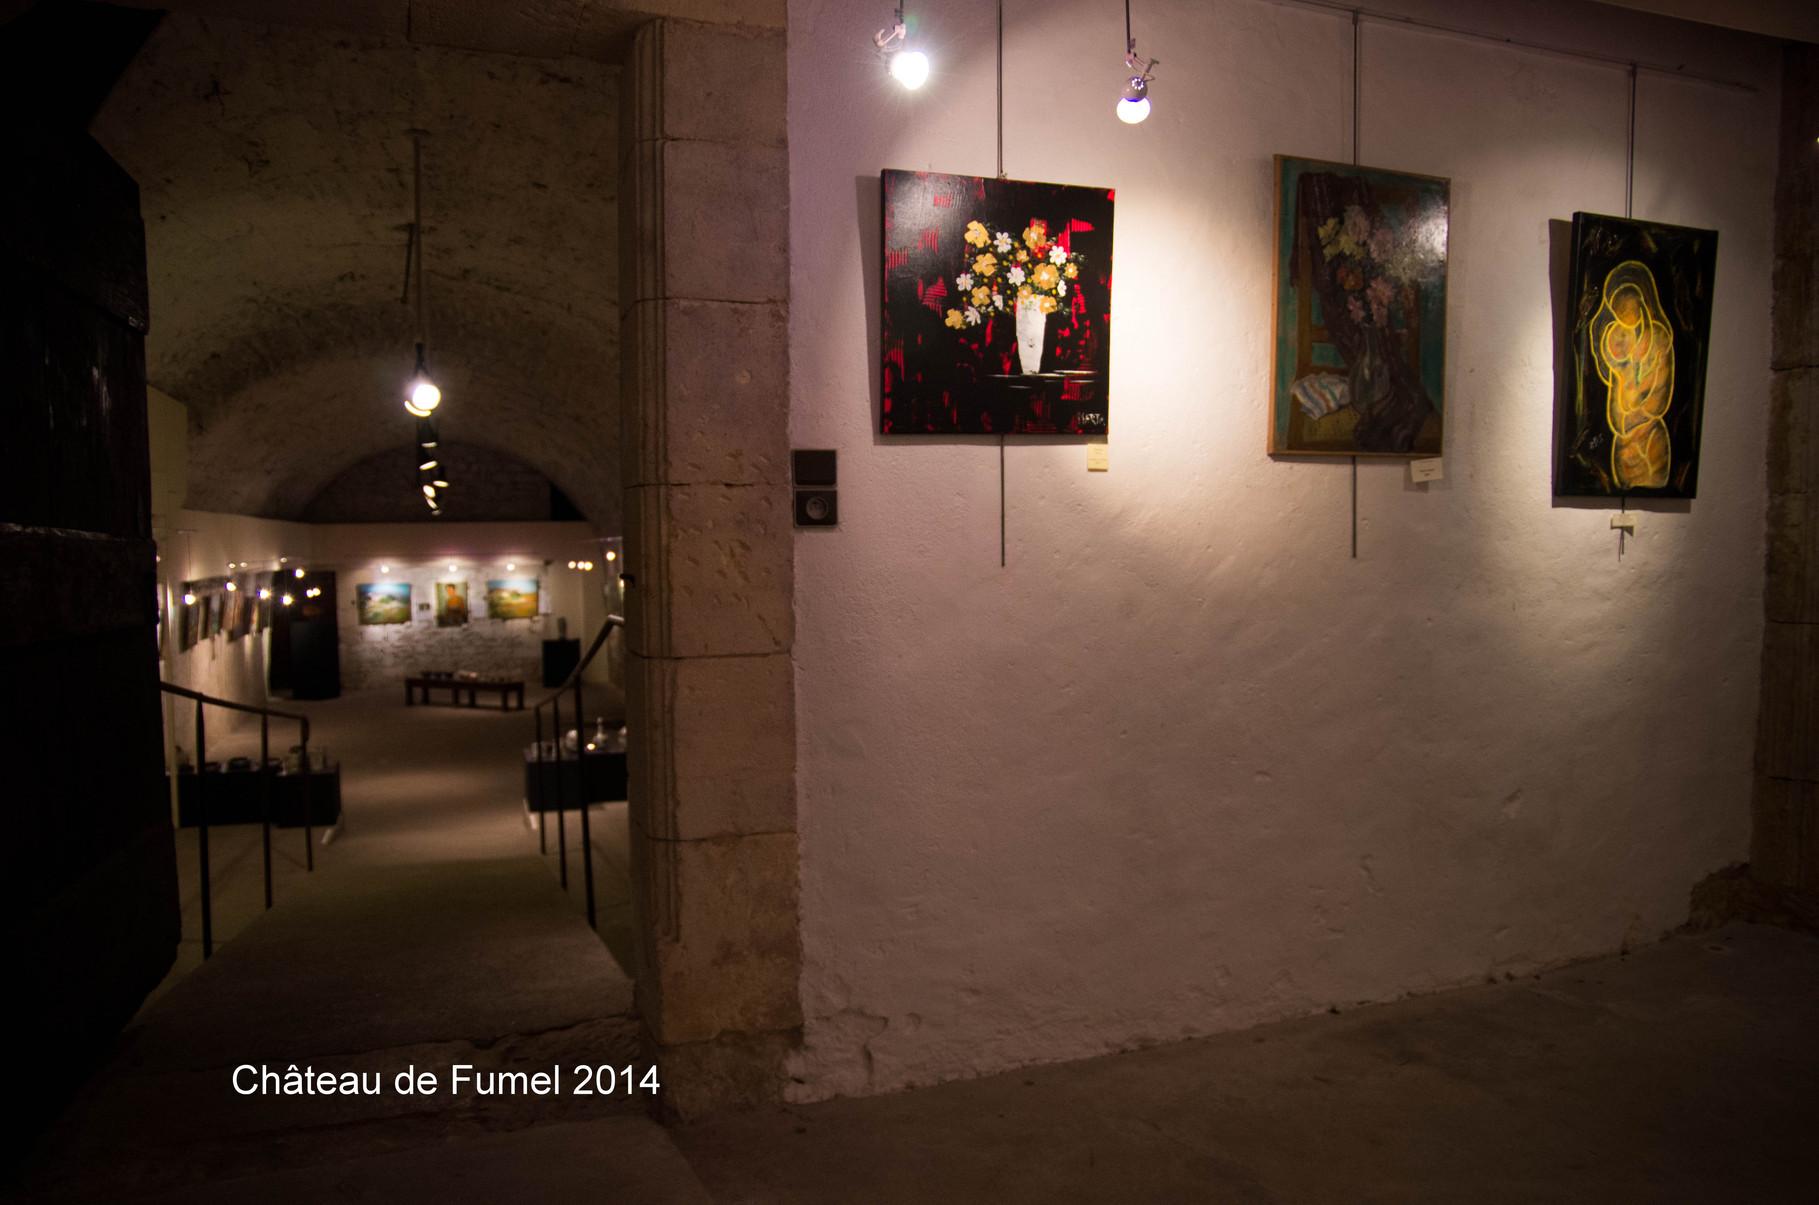 Au fond à droite : Câlin nocturne - vue sur la dernière salle (photo Vincent Neuville)